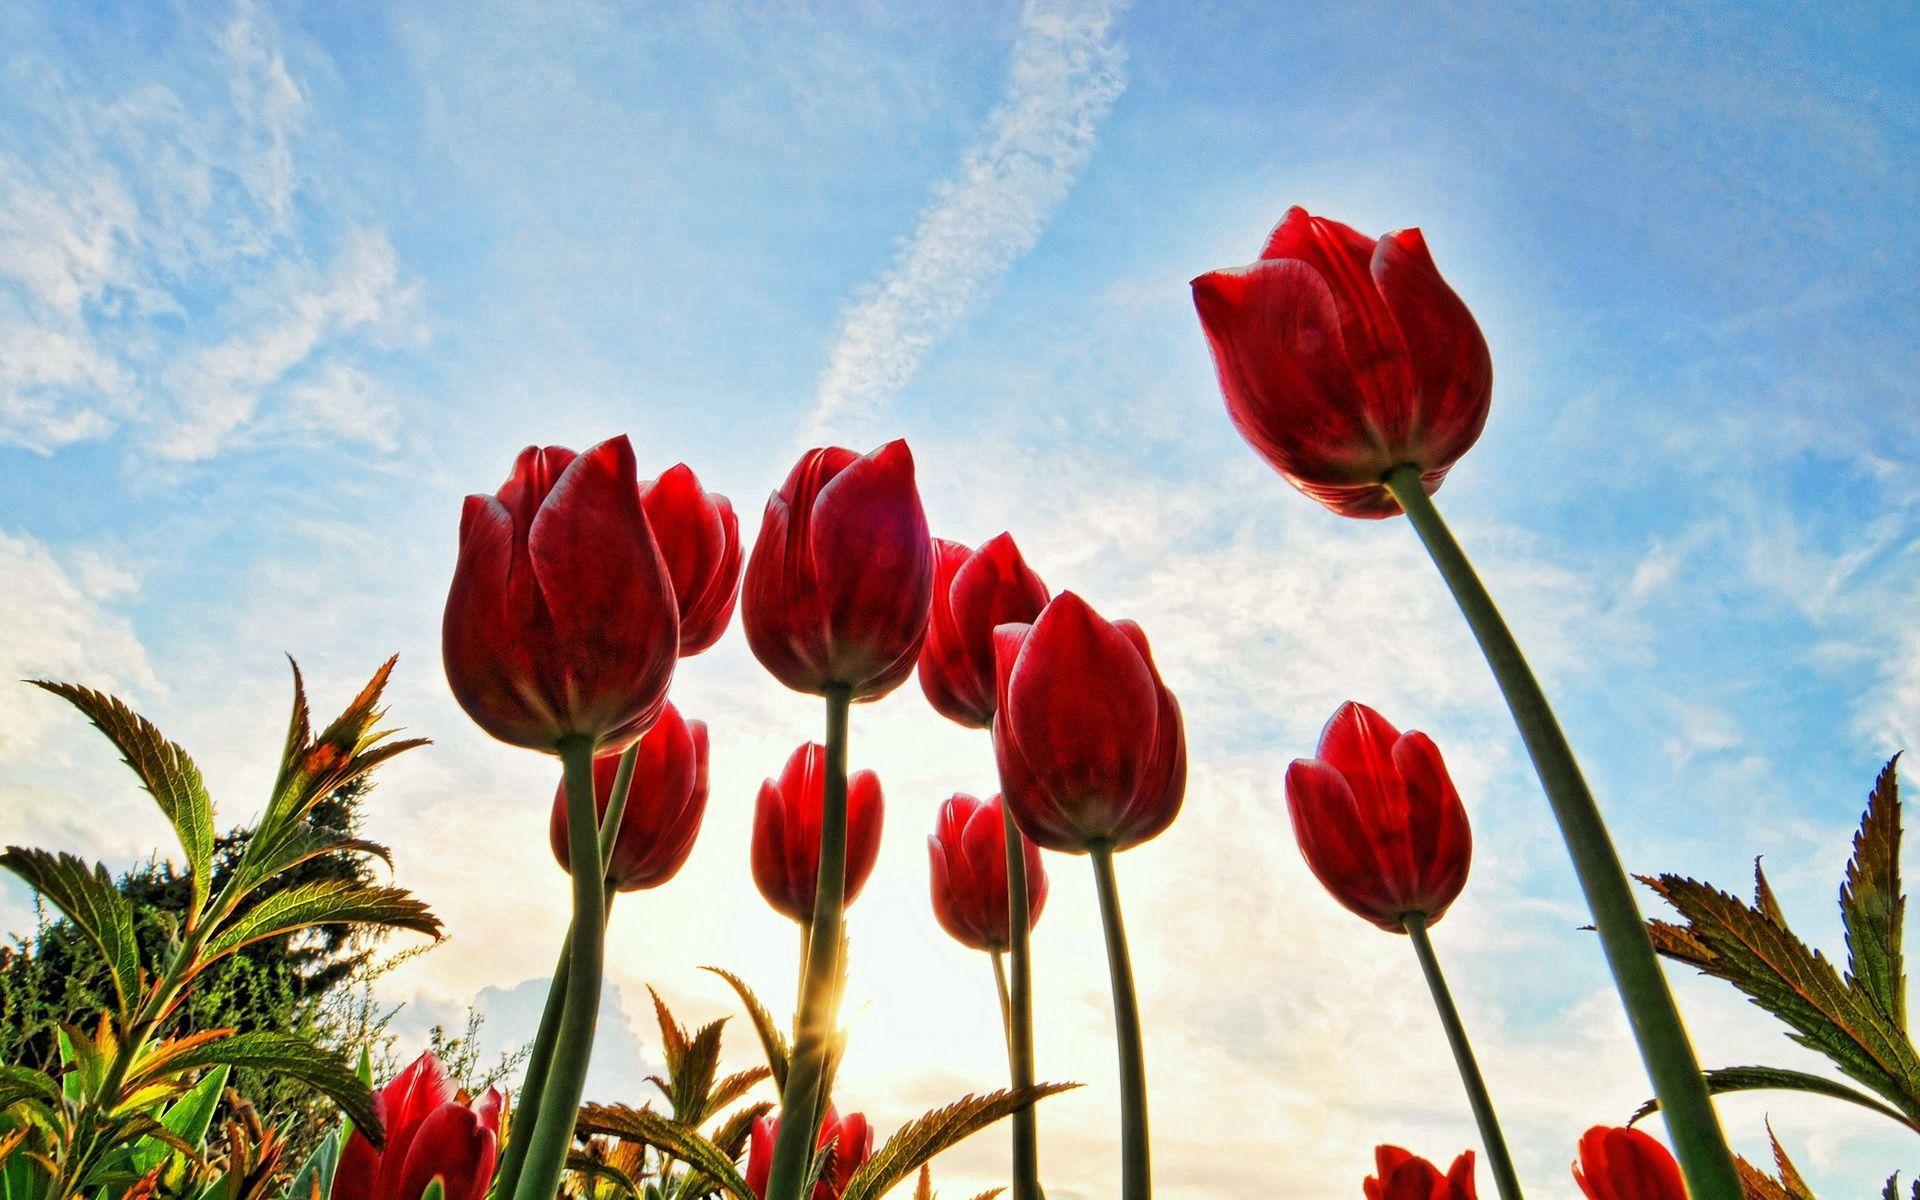 84179 скачать обои Тюльпаны, Цветы, Деревья, Трава, Небо, Облака, Солнышко - заставки и картинки бесплатно